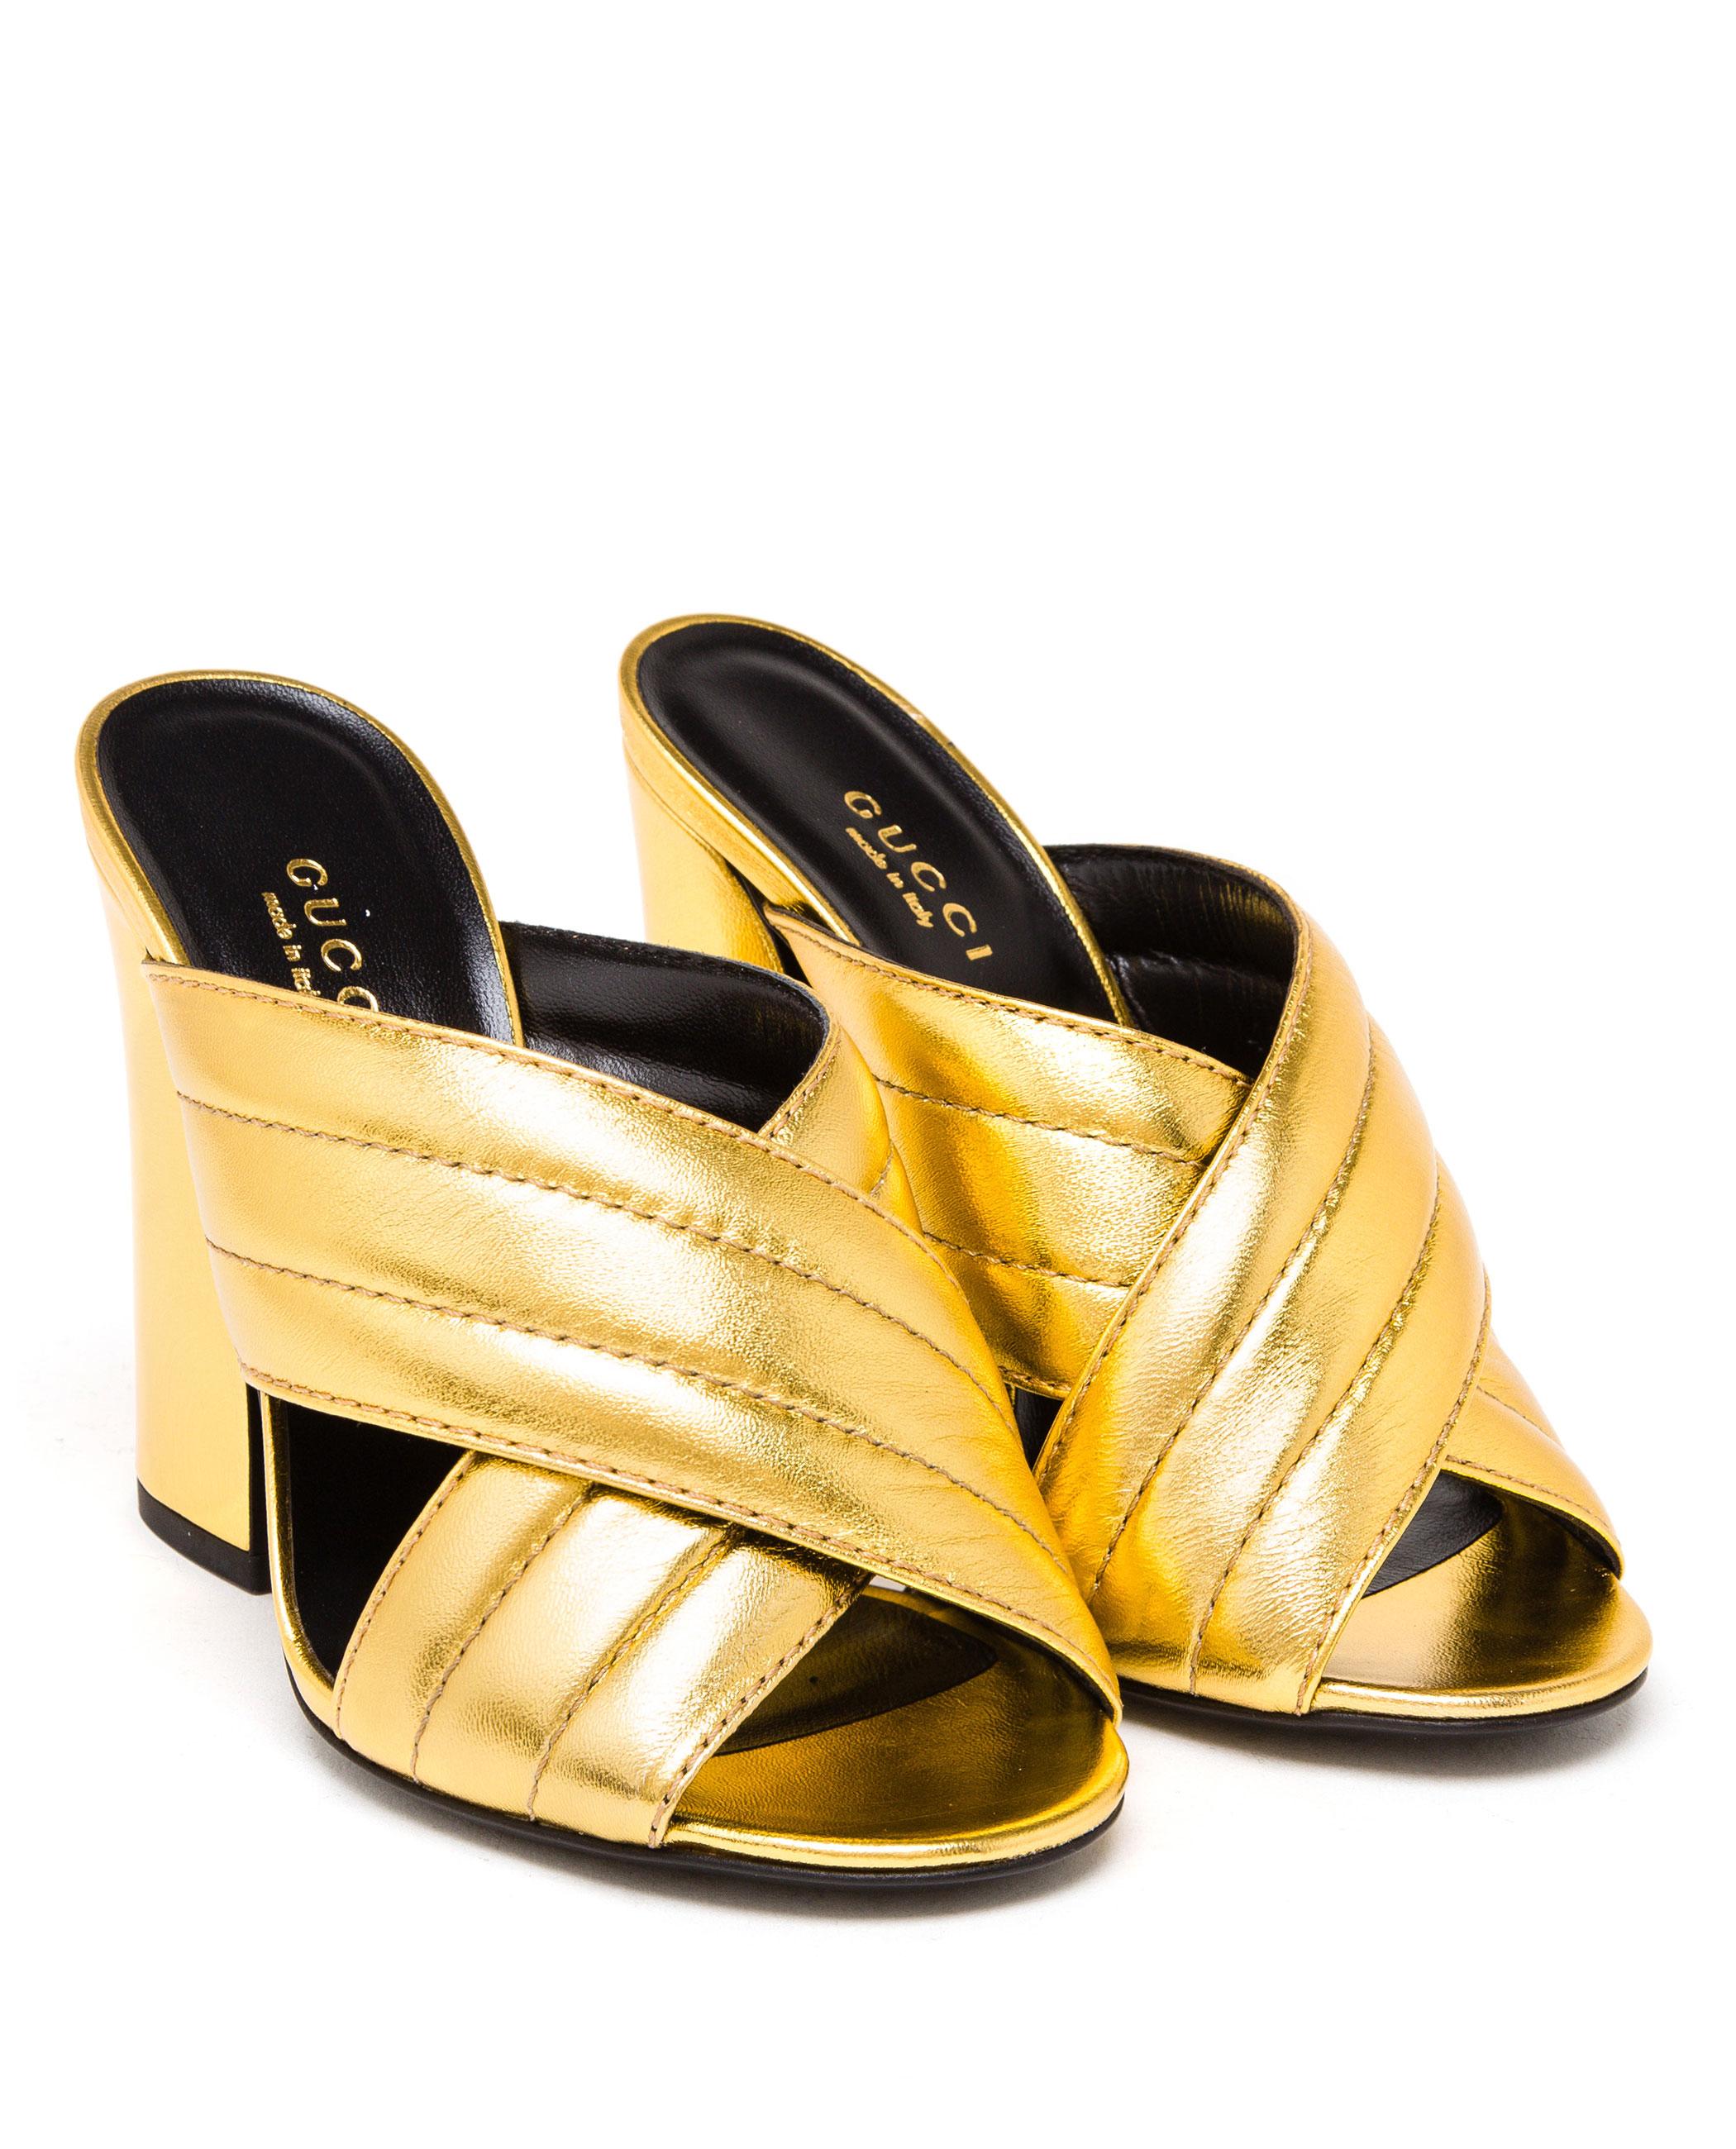 Gucci Shoes Golden Heels